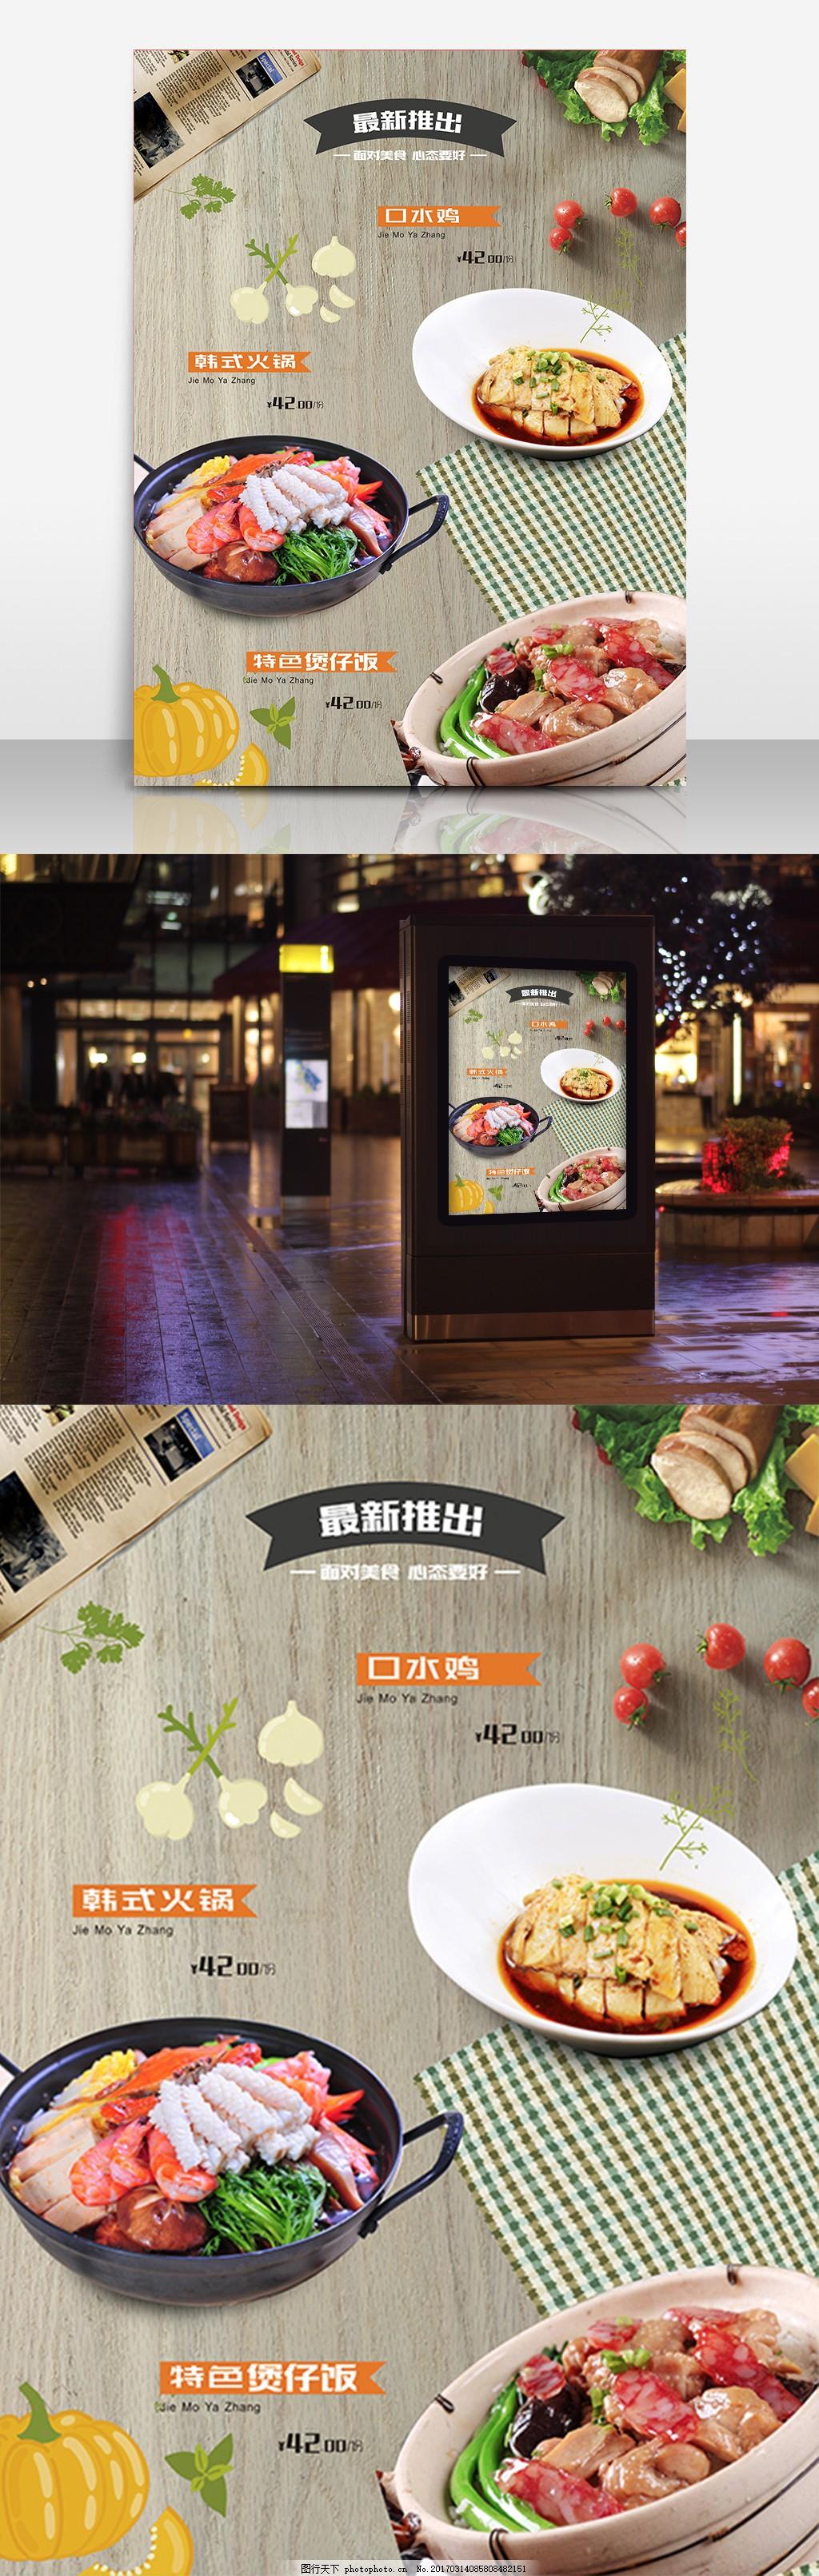 清新美食海报 最新推荐 餐饮美食 简洁自然海报